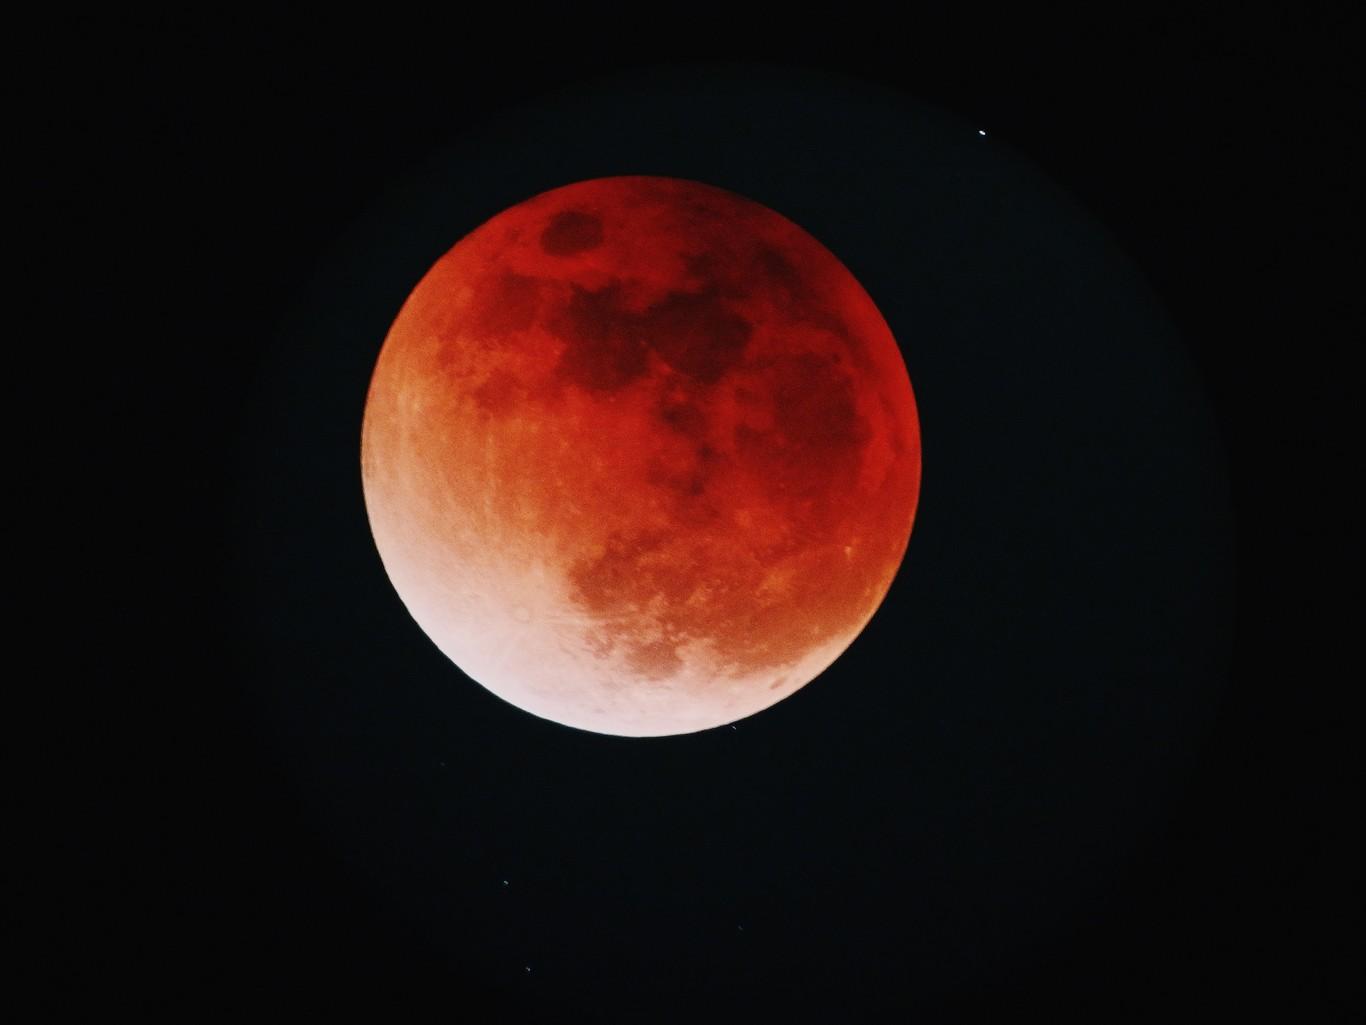 El eclipse lunar más largo del siglo tendrá lugar hoy: así podrás verlo